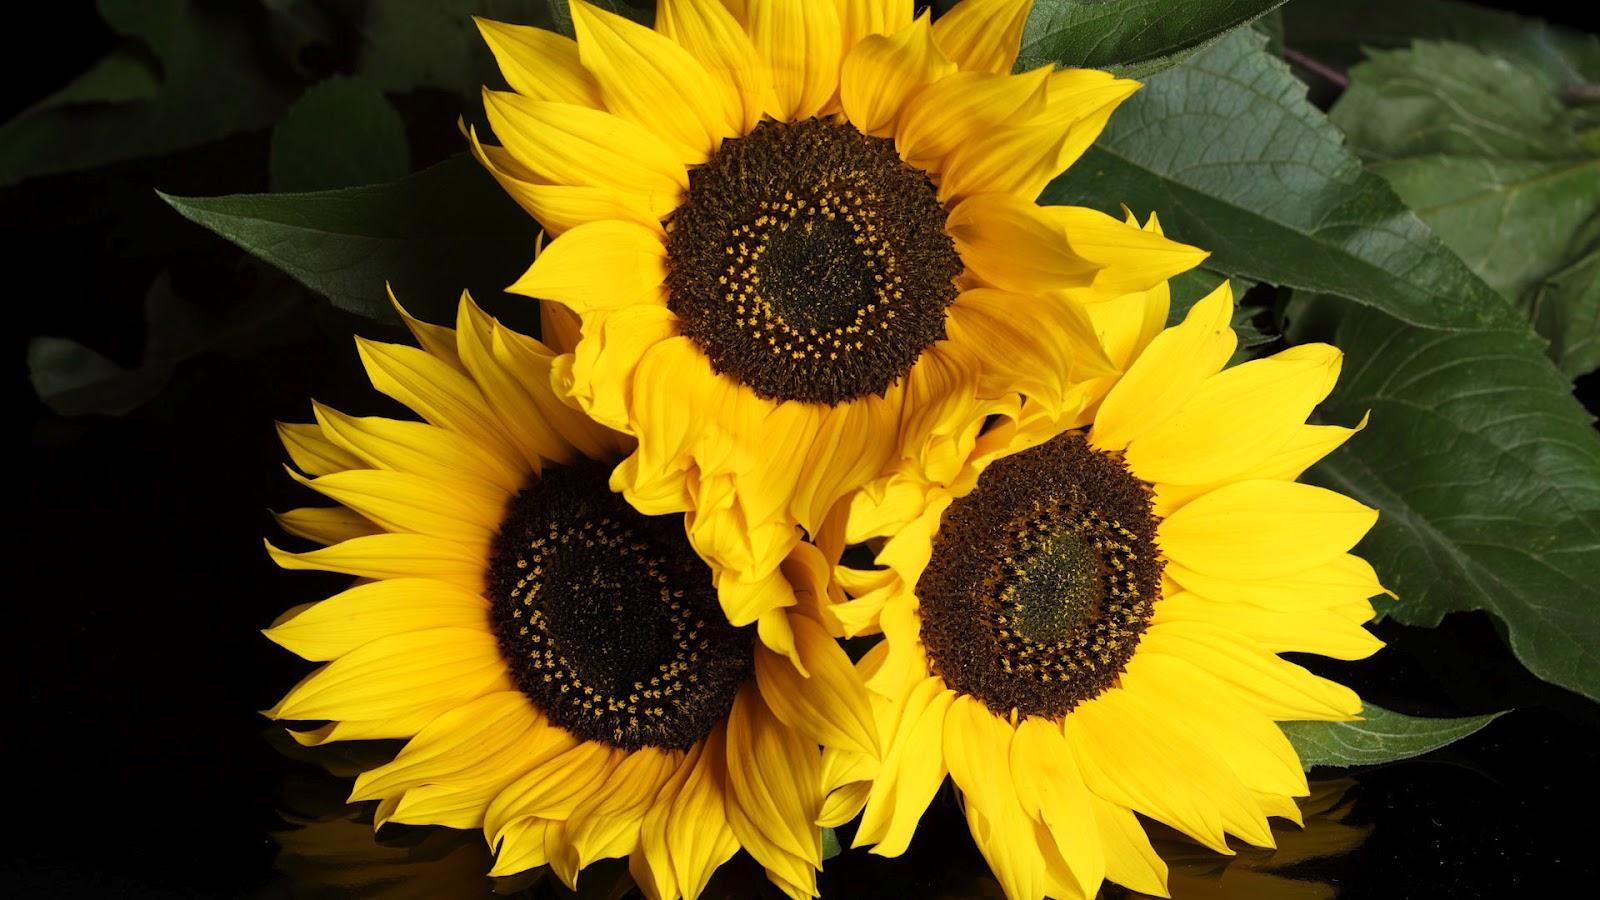 Your Wallpaper Sunflower Wallpaper